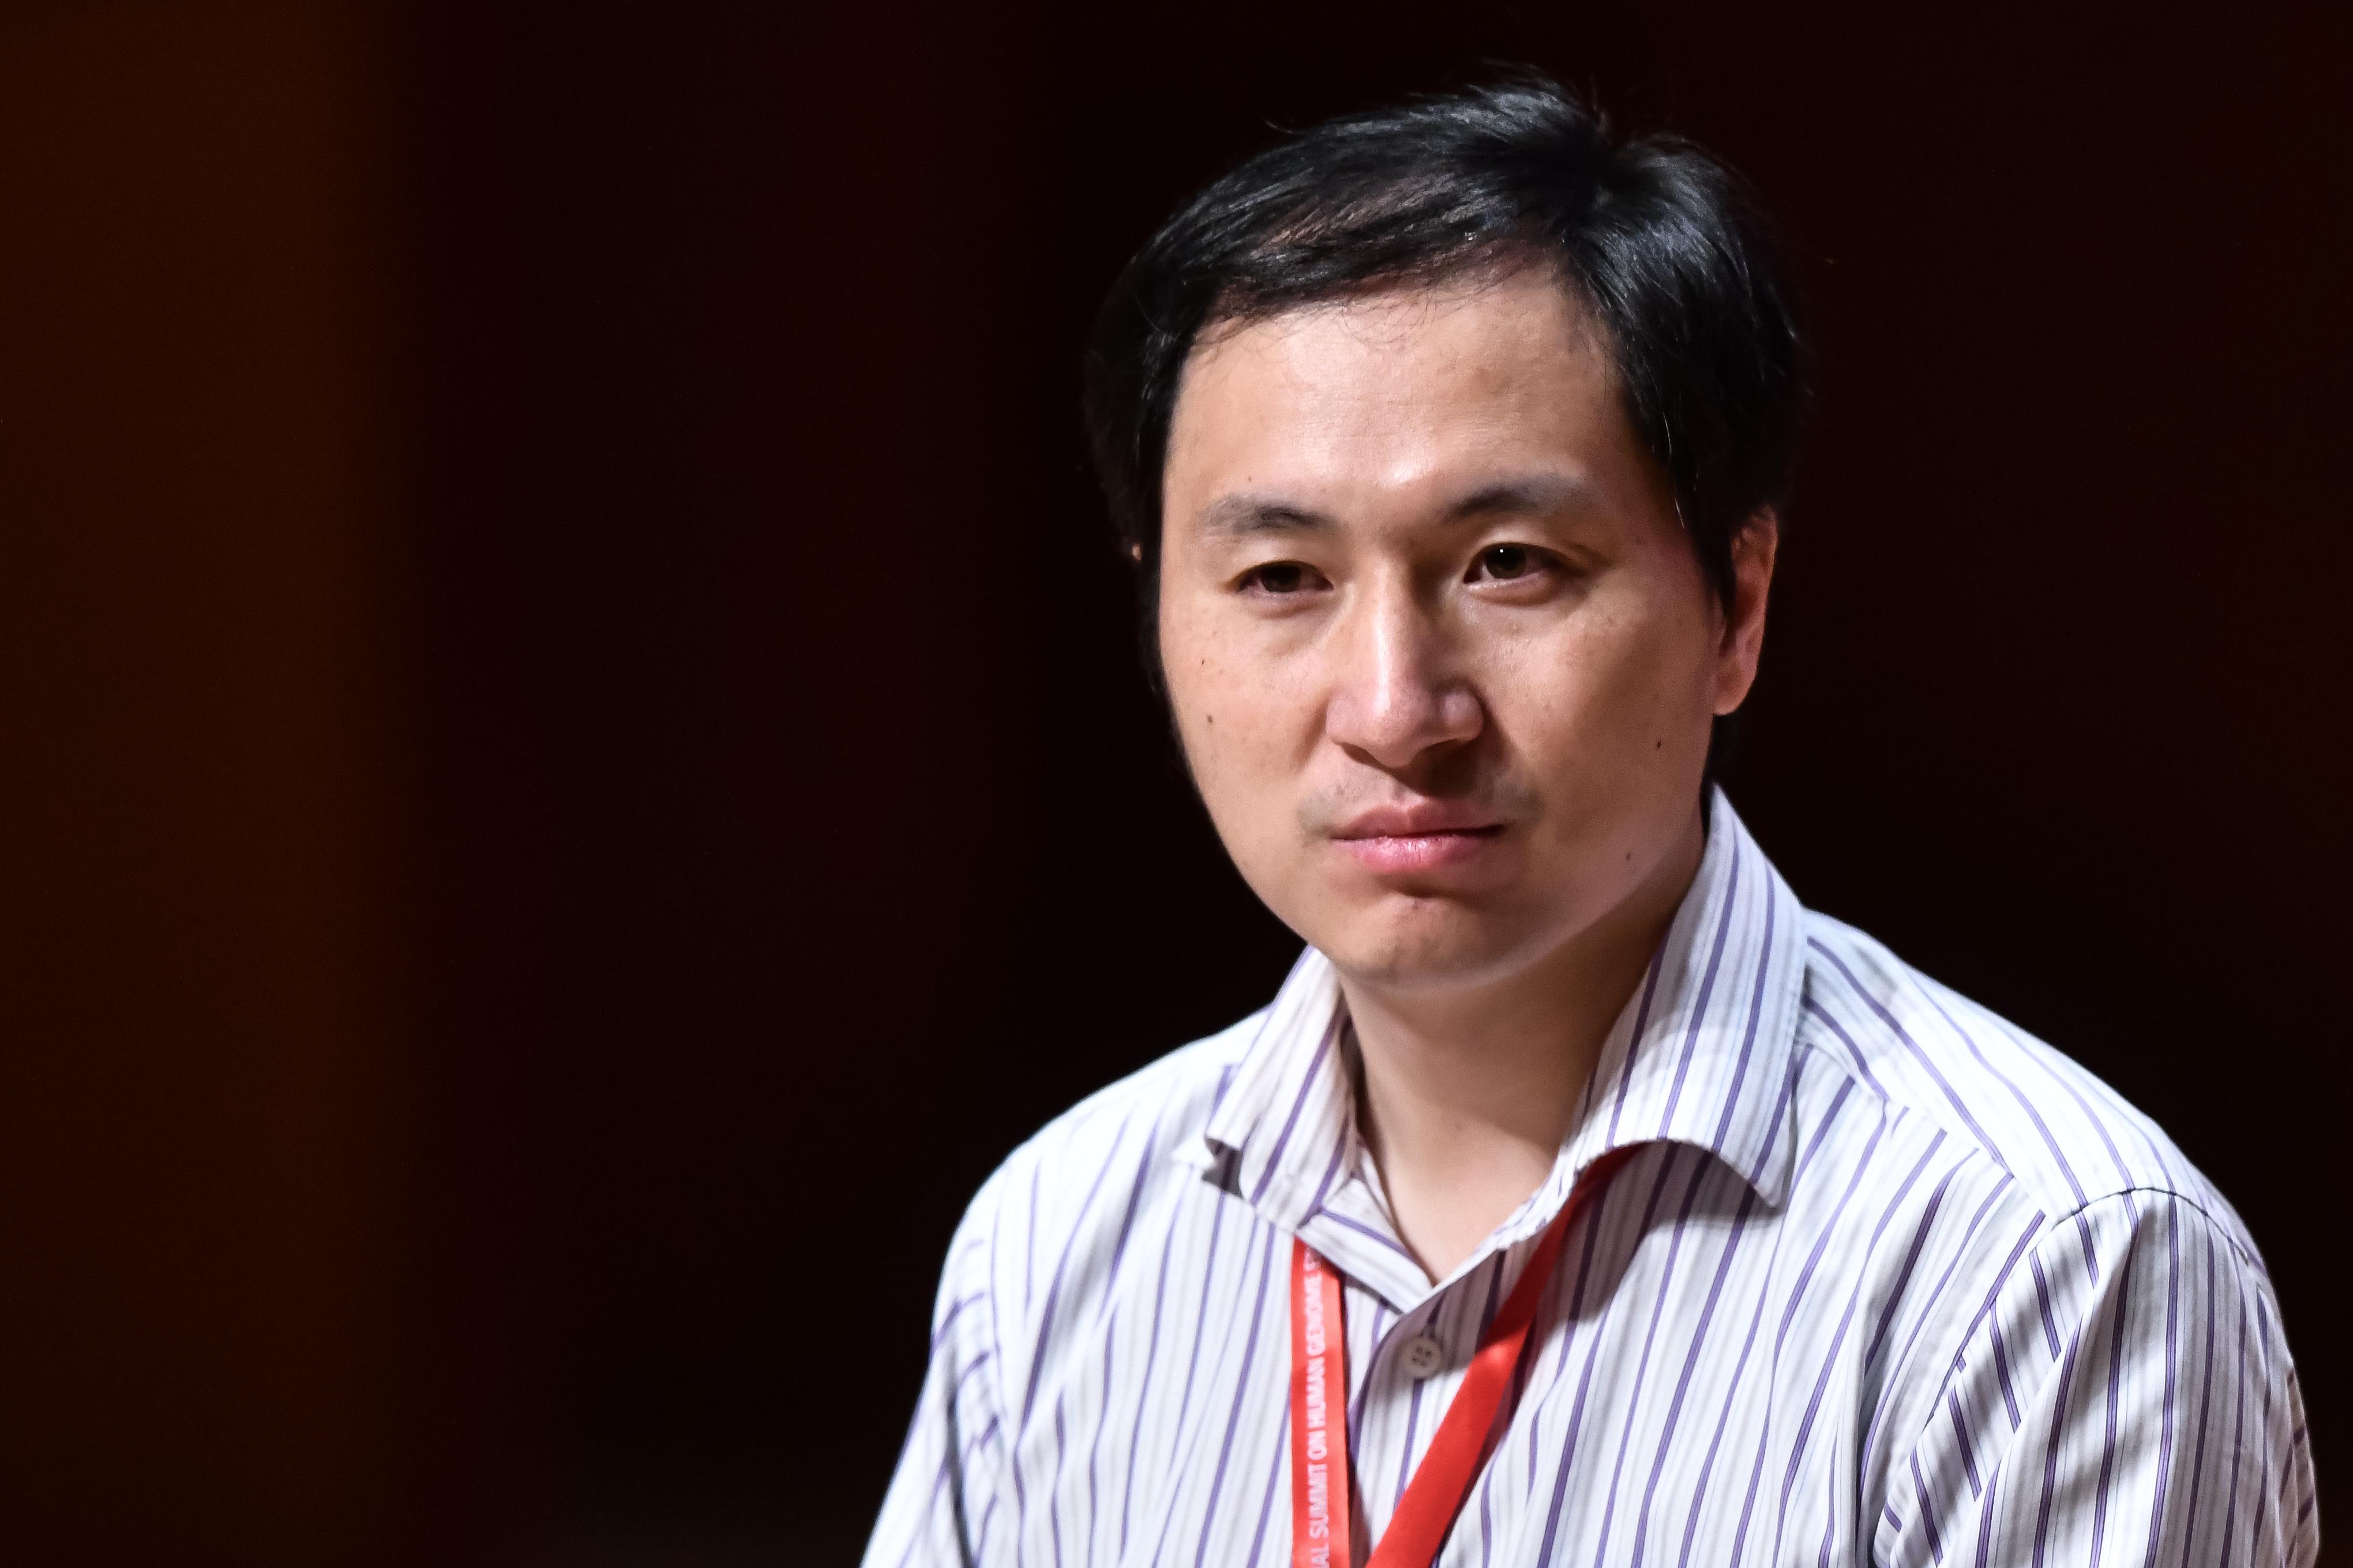 Három év börtönre ítélték a kínai tudóst, aki átszerkesztette egy születendő ikerpár génjeit